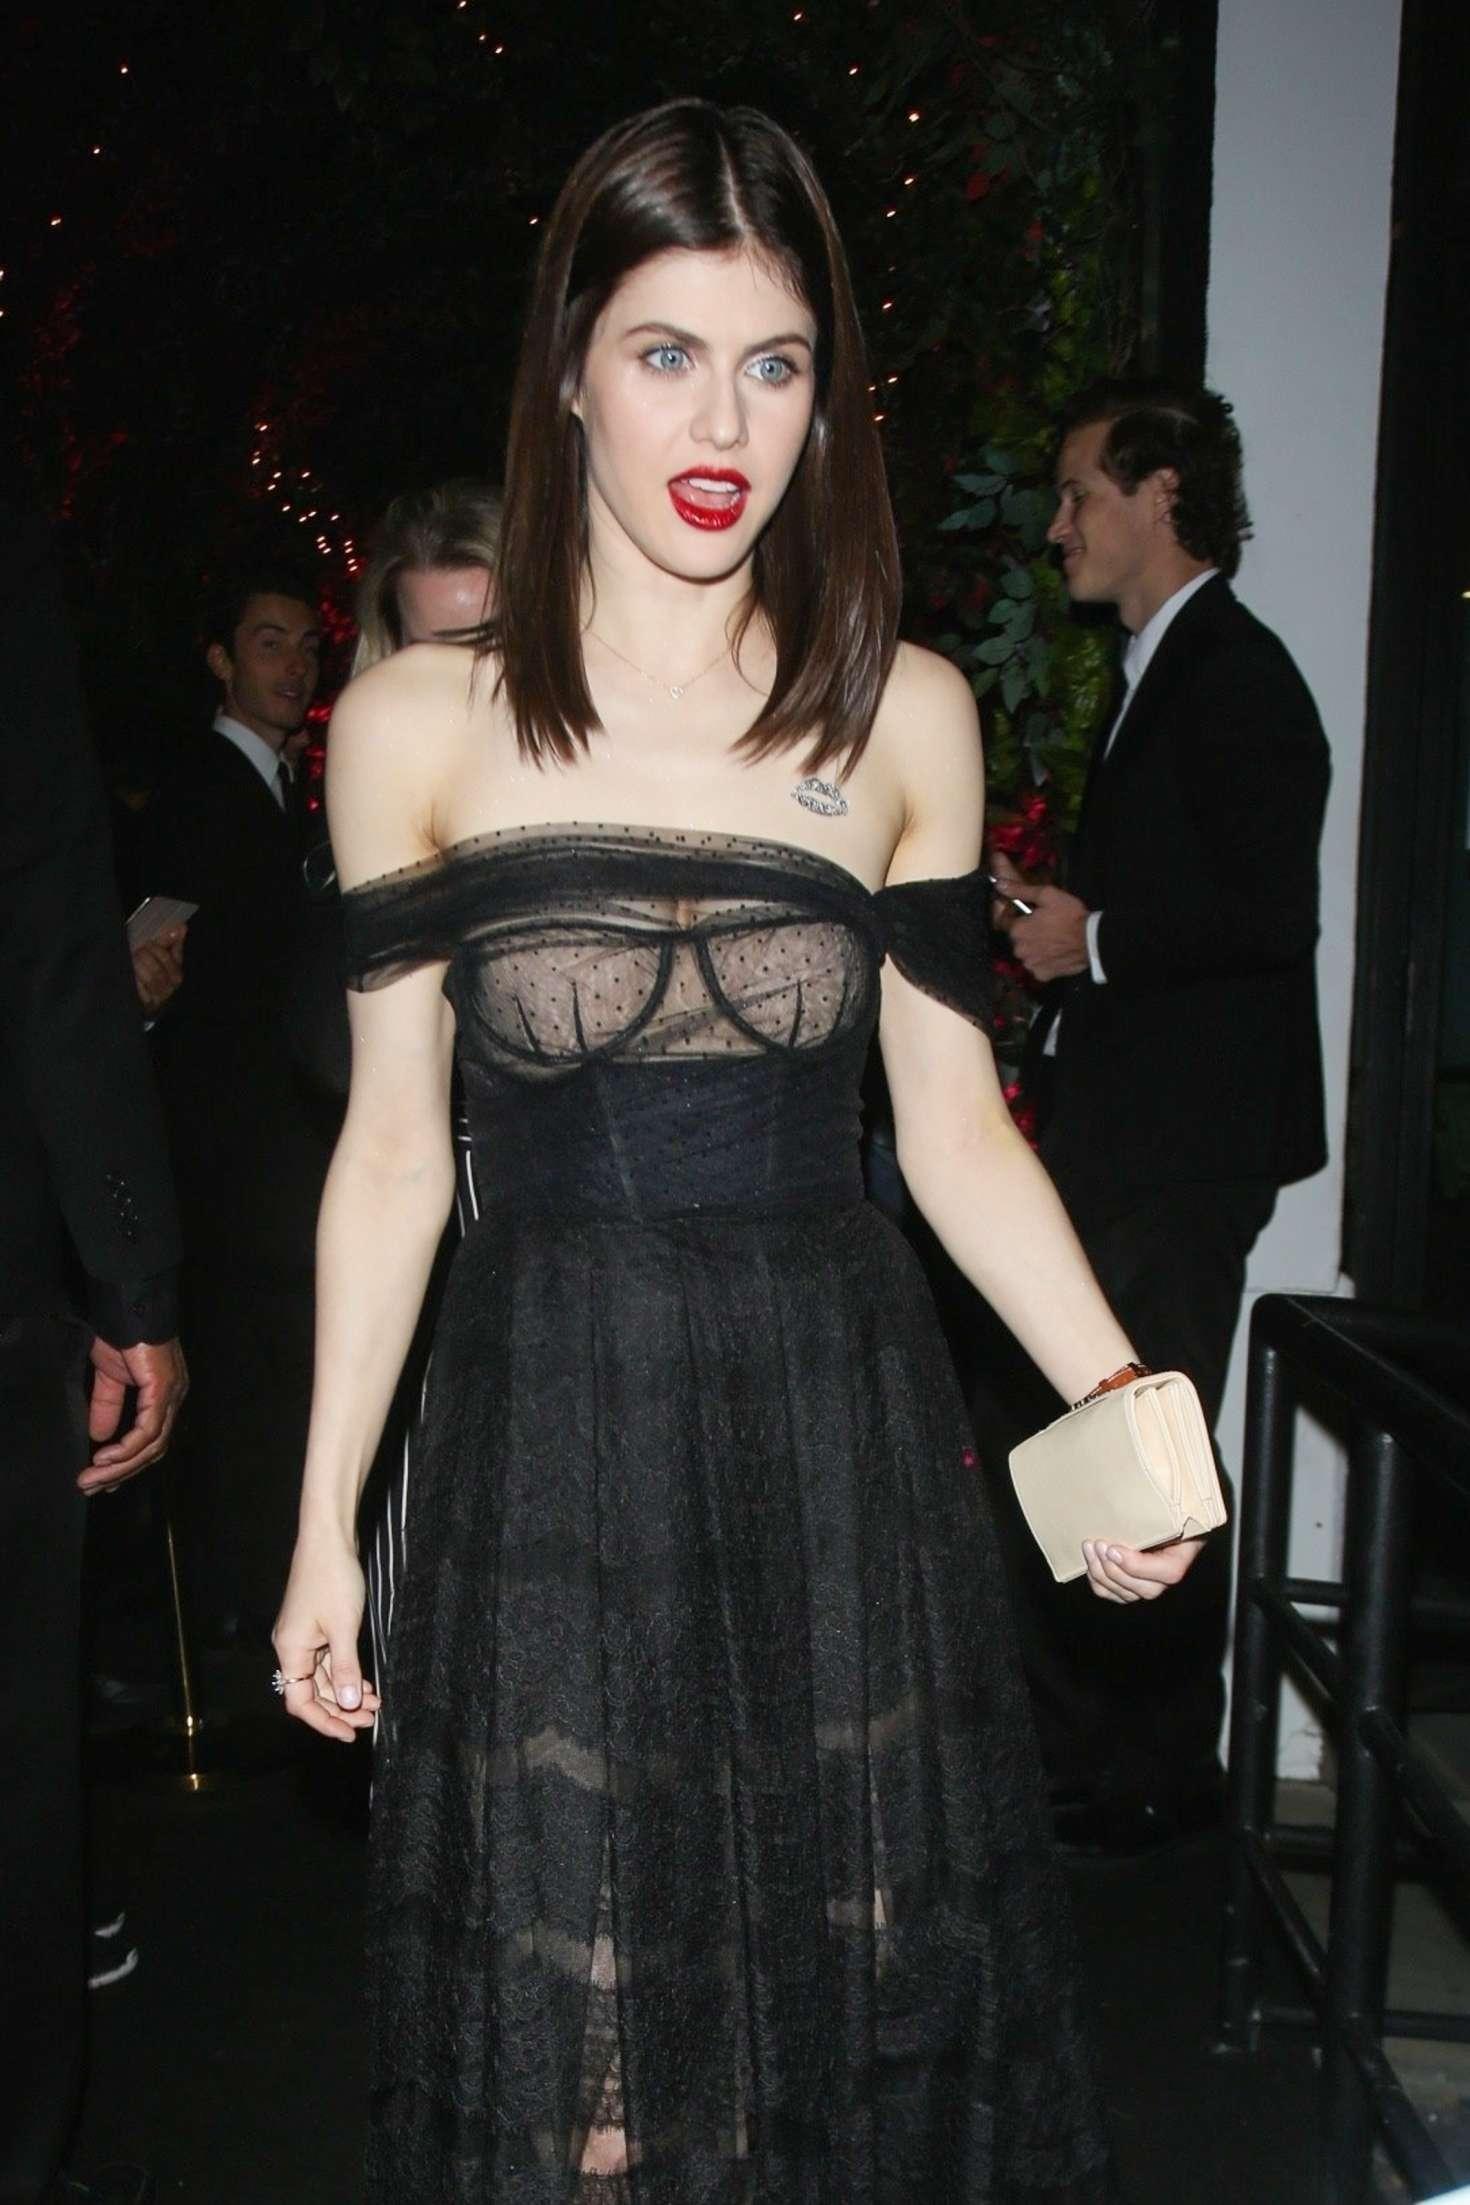 Alexandra Daddario Dior Addict Lacquer Pump Launch Party